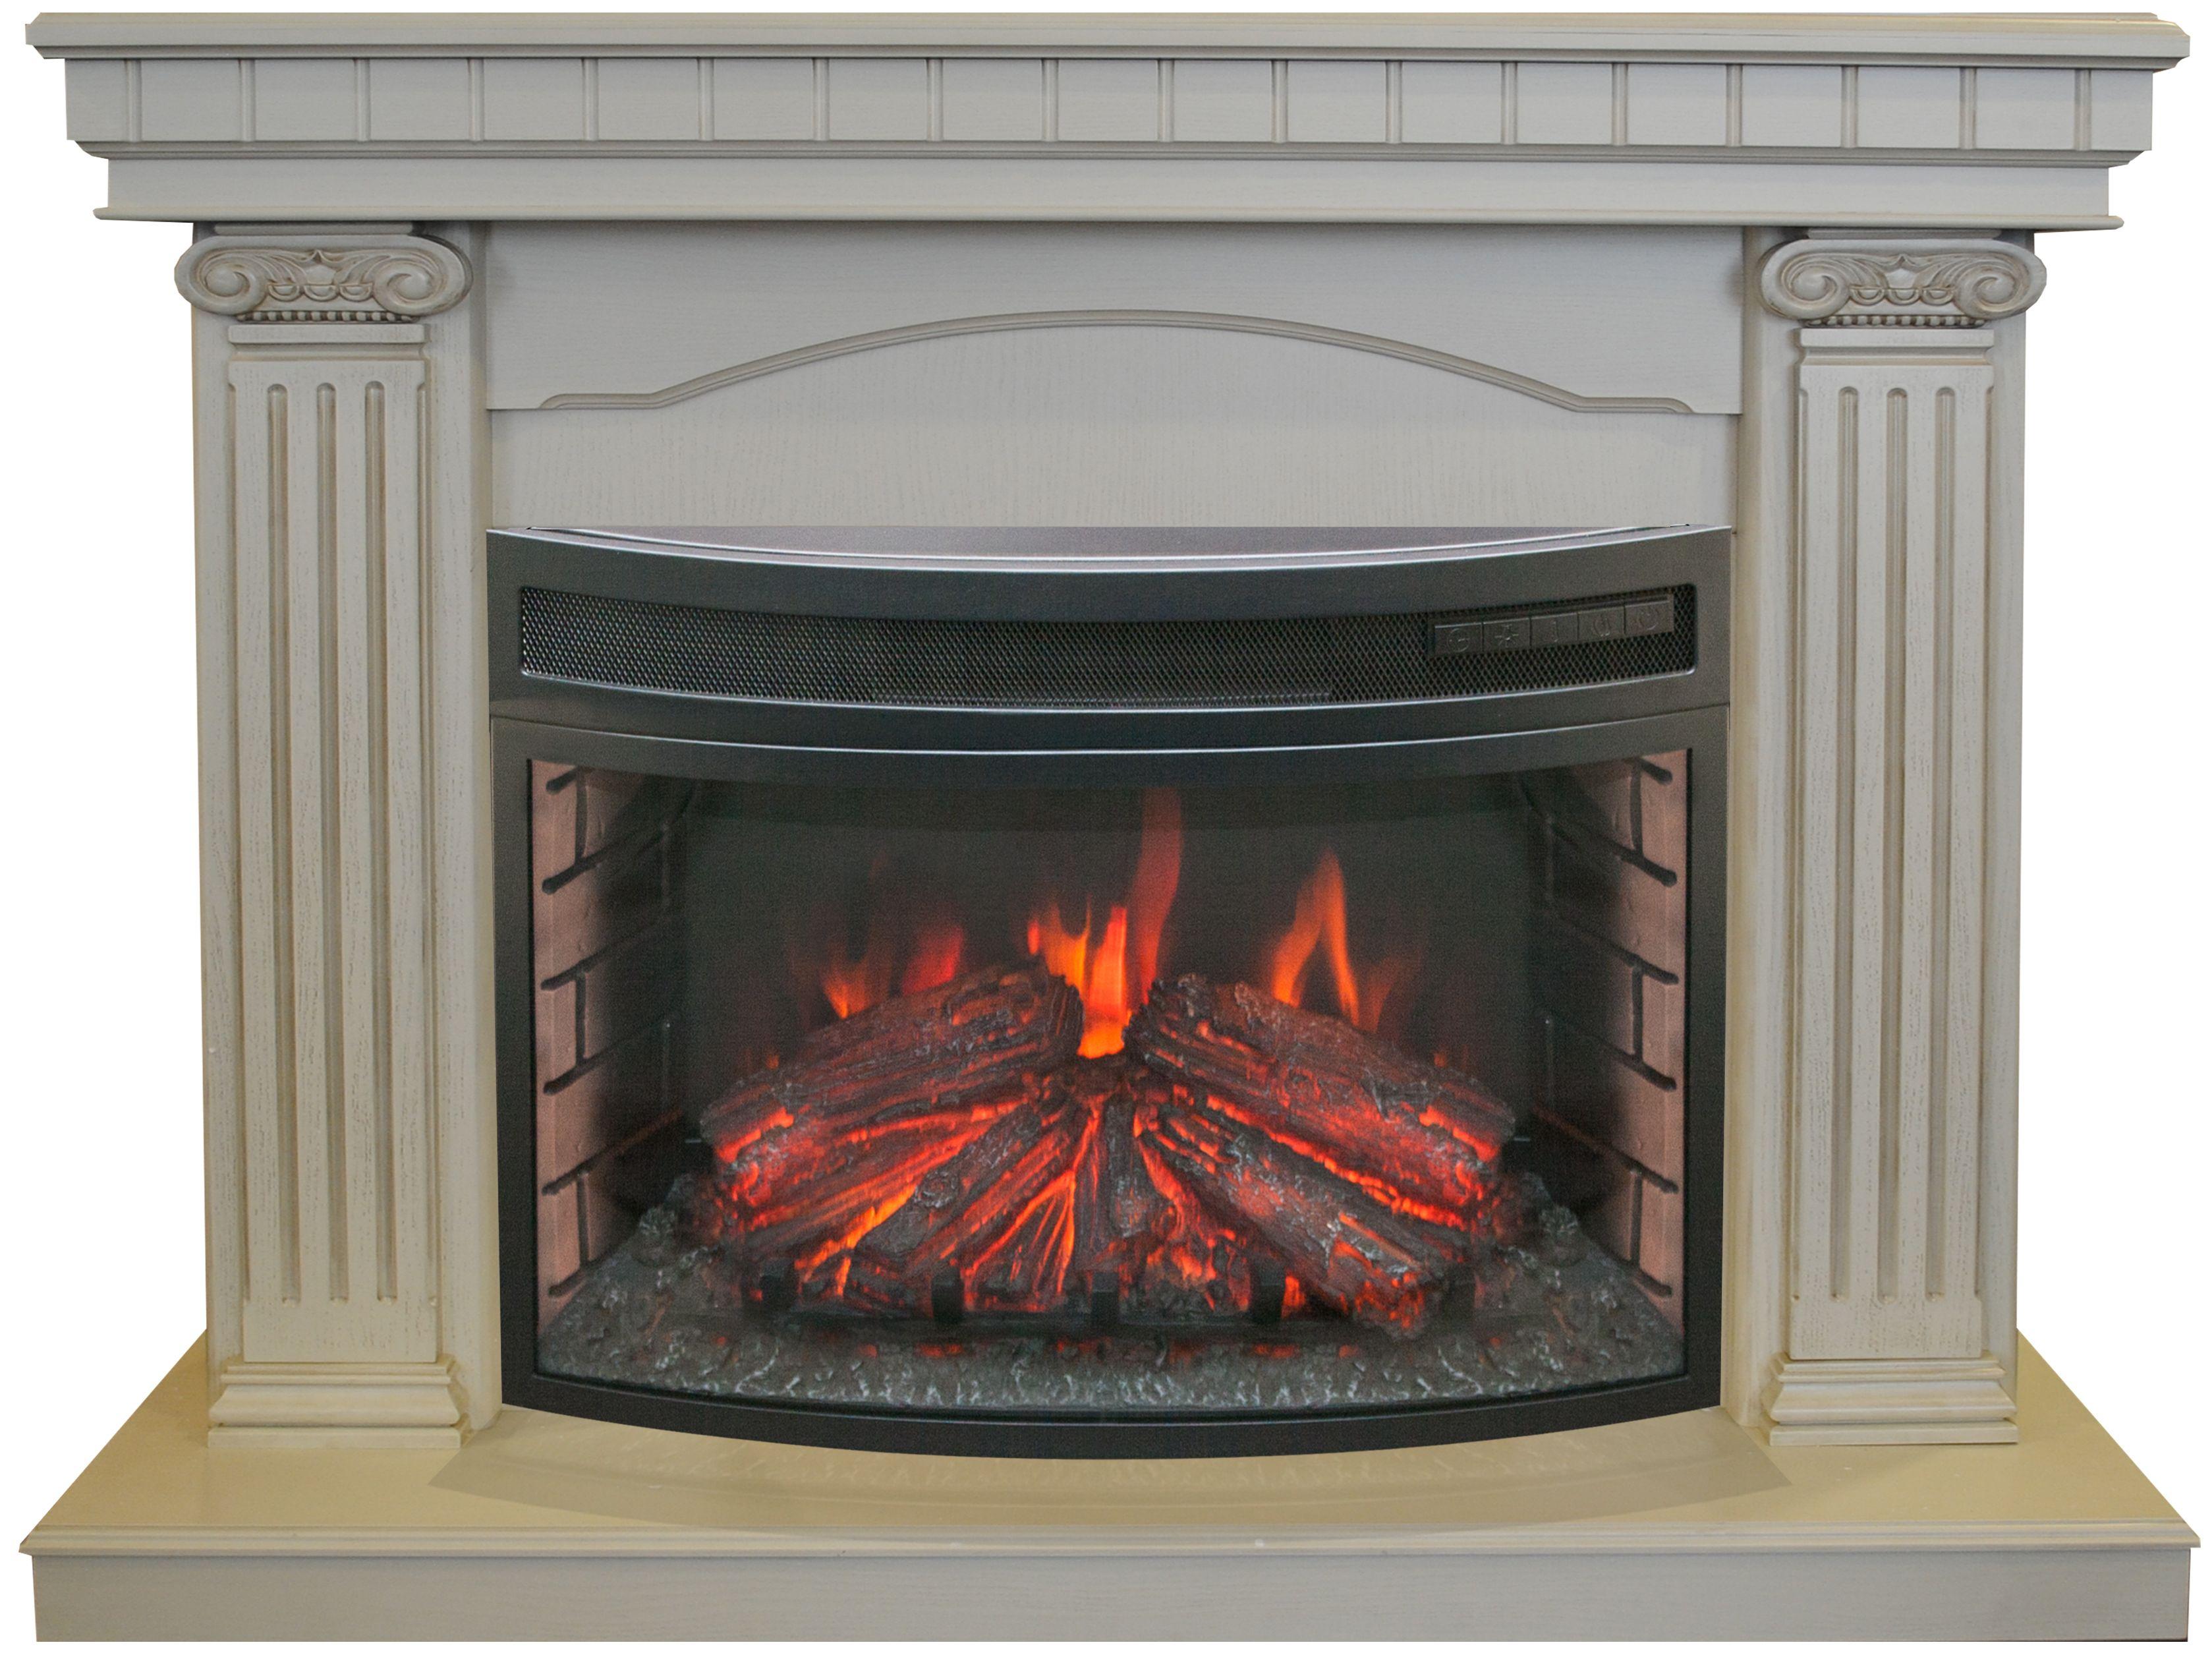 Электрокамин Real flame Rosa 25 + firefield 25 s ir